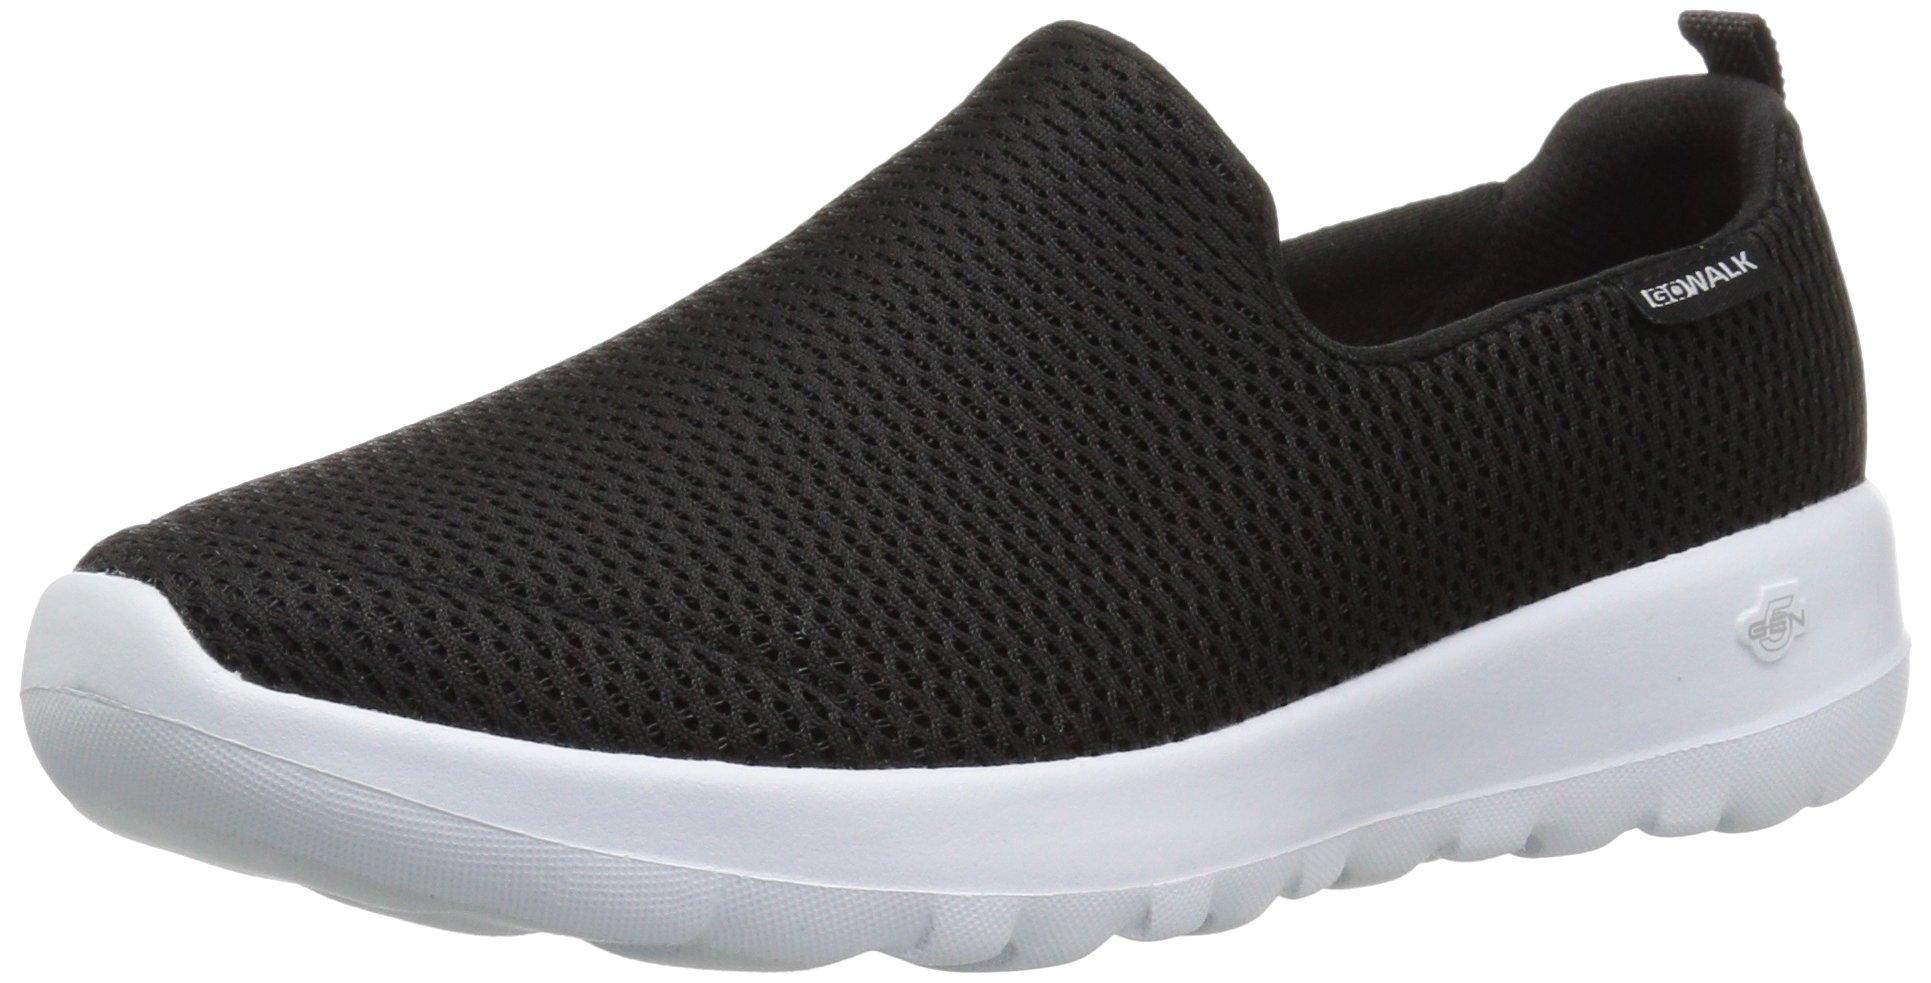 Skechers Performance Women's Go Walk Joy Walking Shoe,black/white,5 W US by Skechers (Image #1)